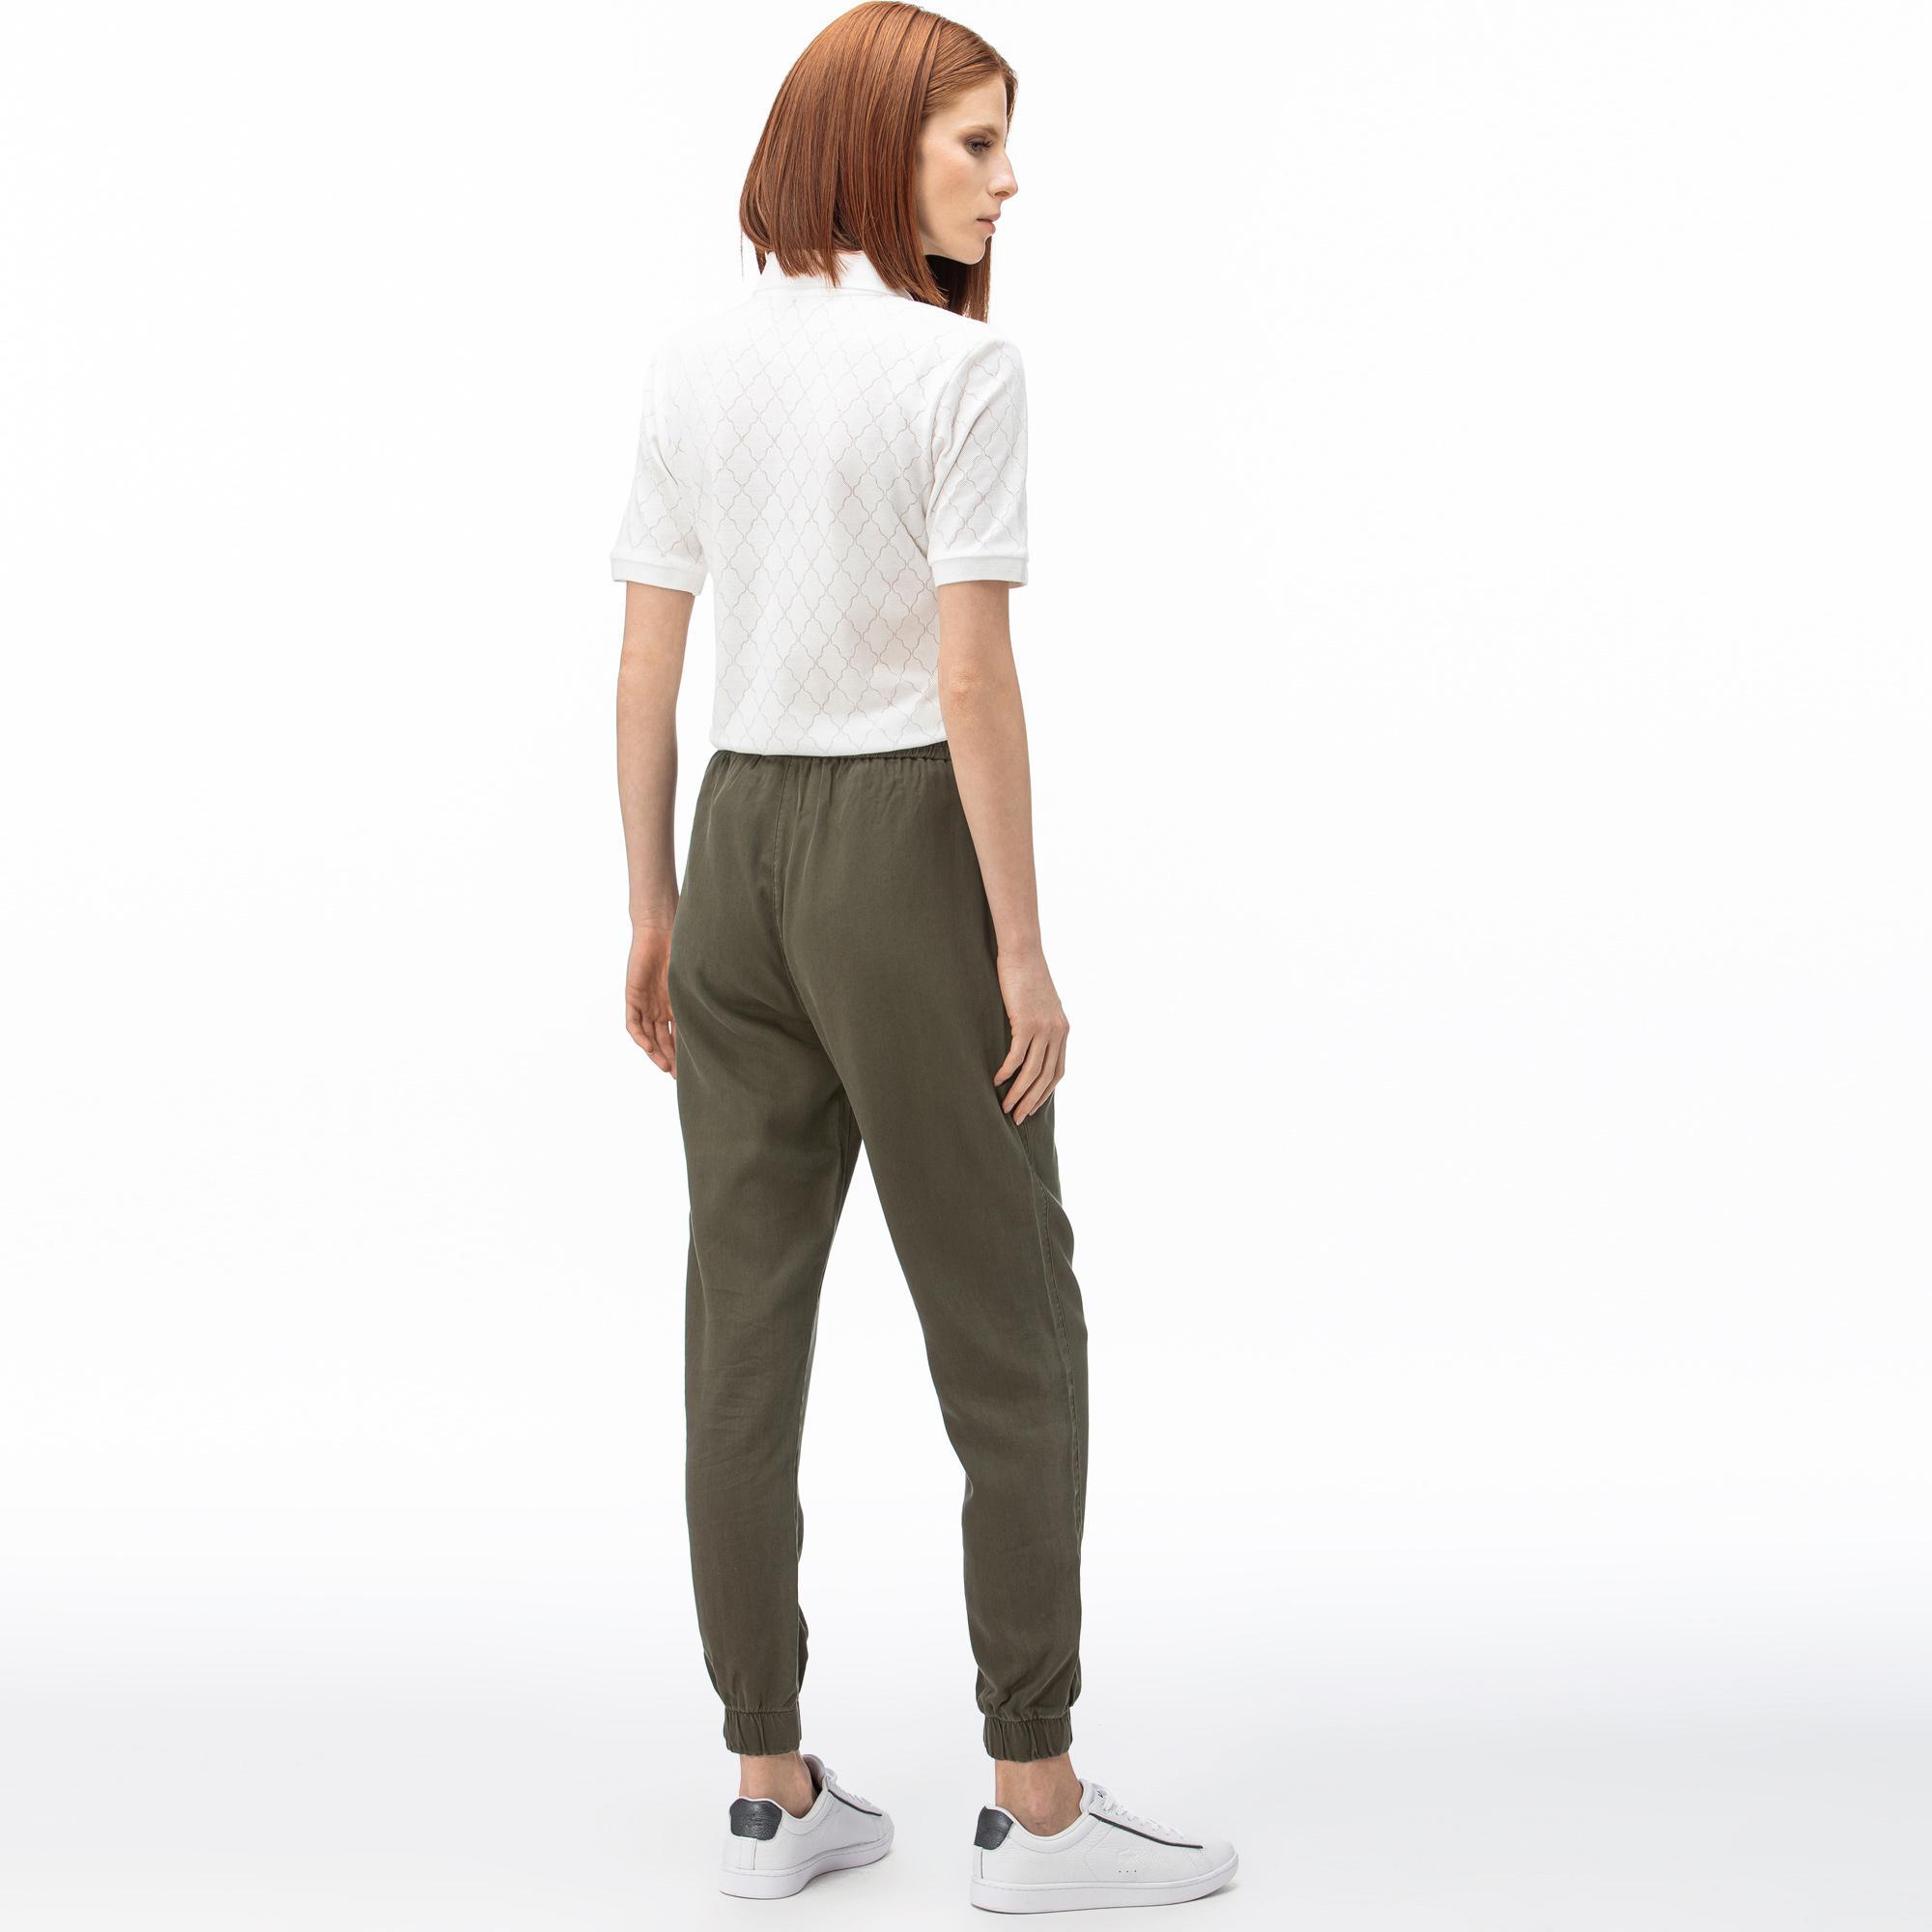 Lacoste Kadın Yeşil Pantolon